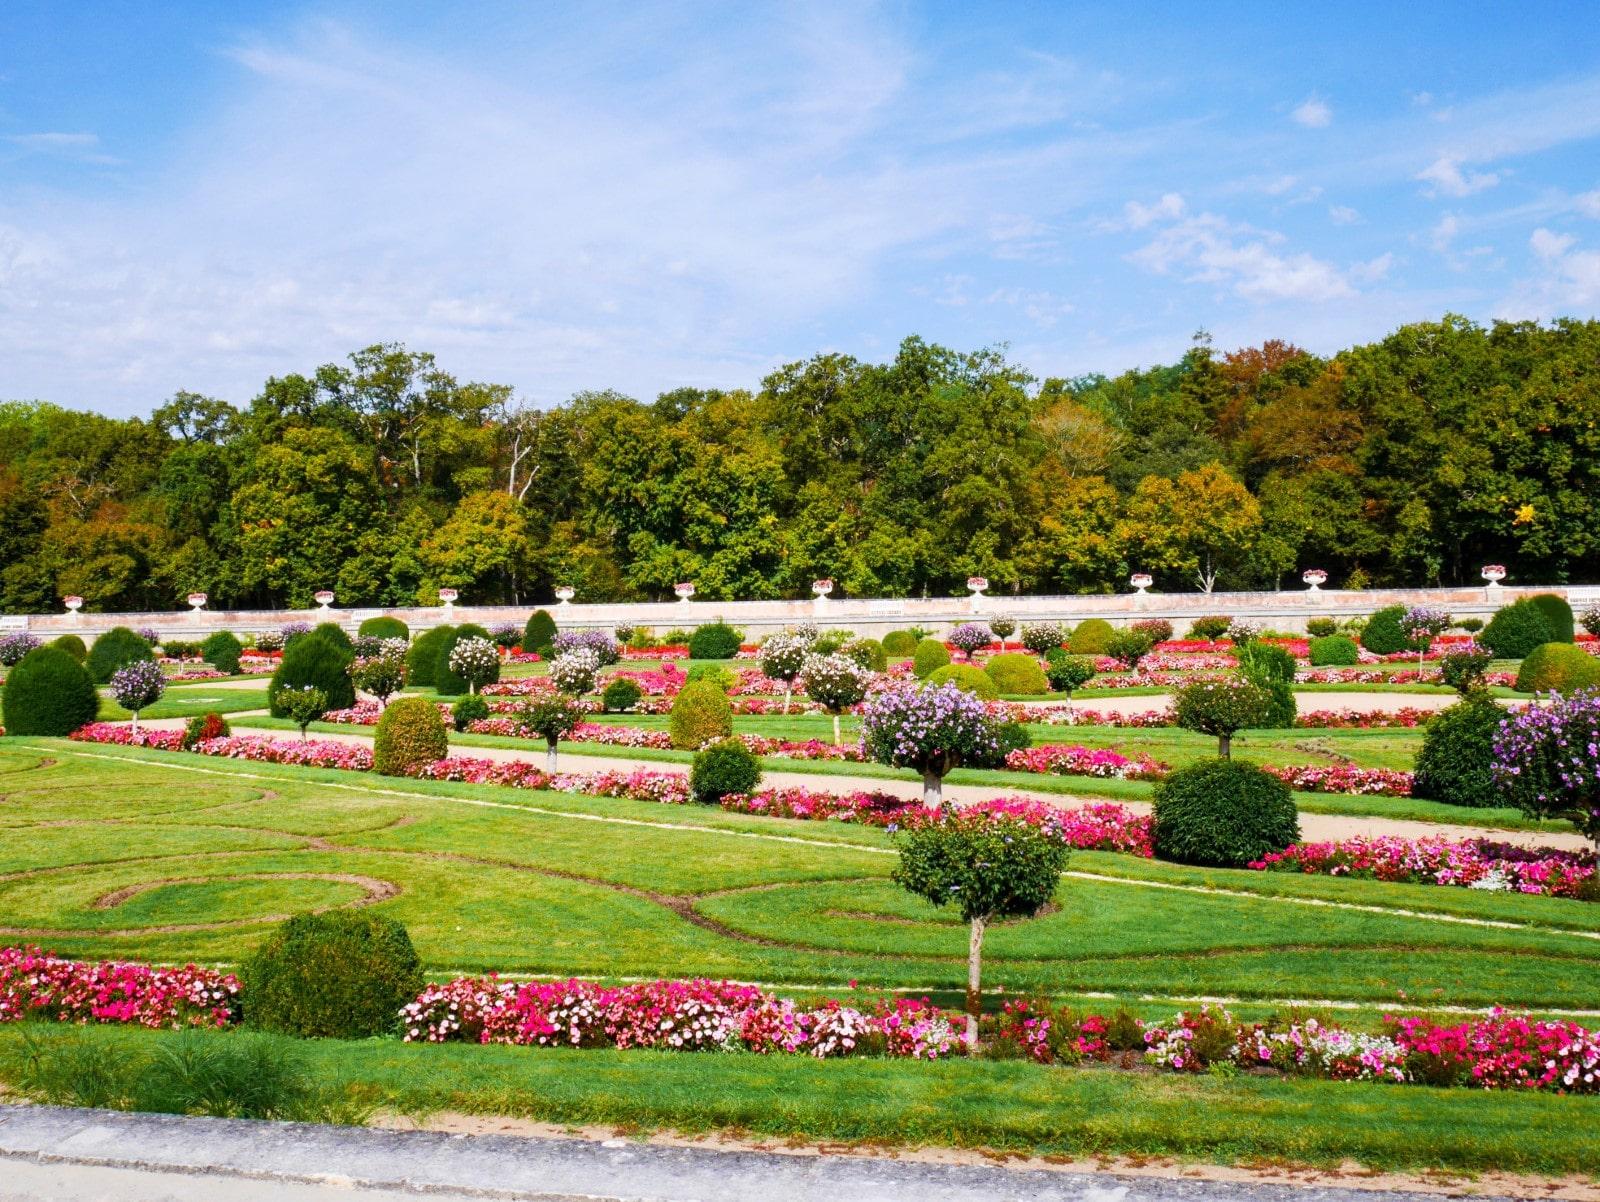 I giardini ed il roseto fatti realizzare da Diana de Poitiers.